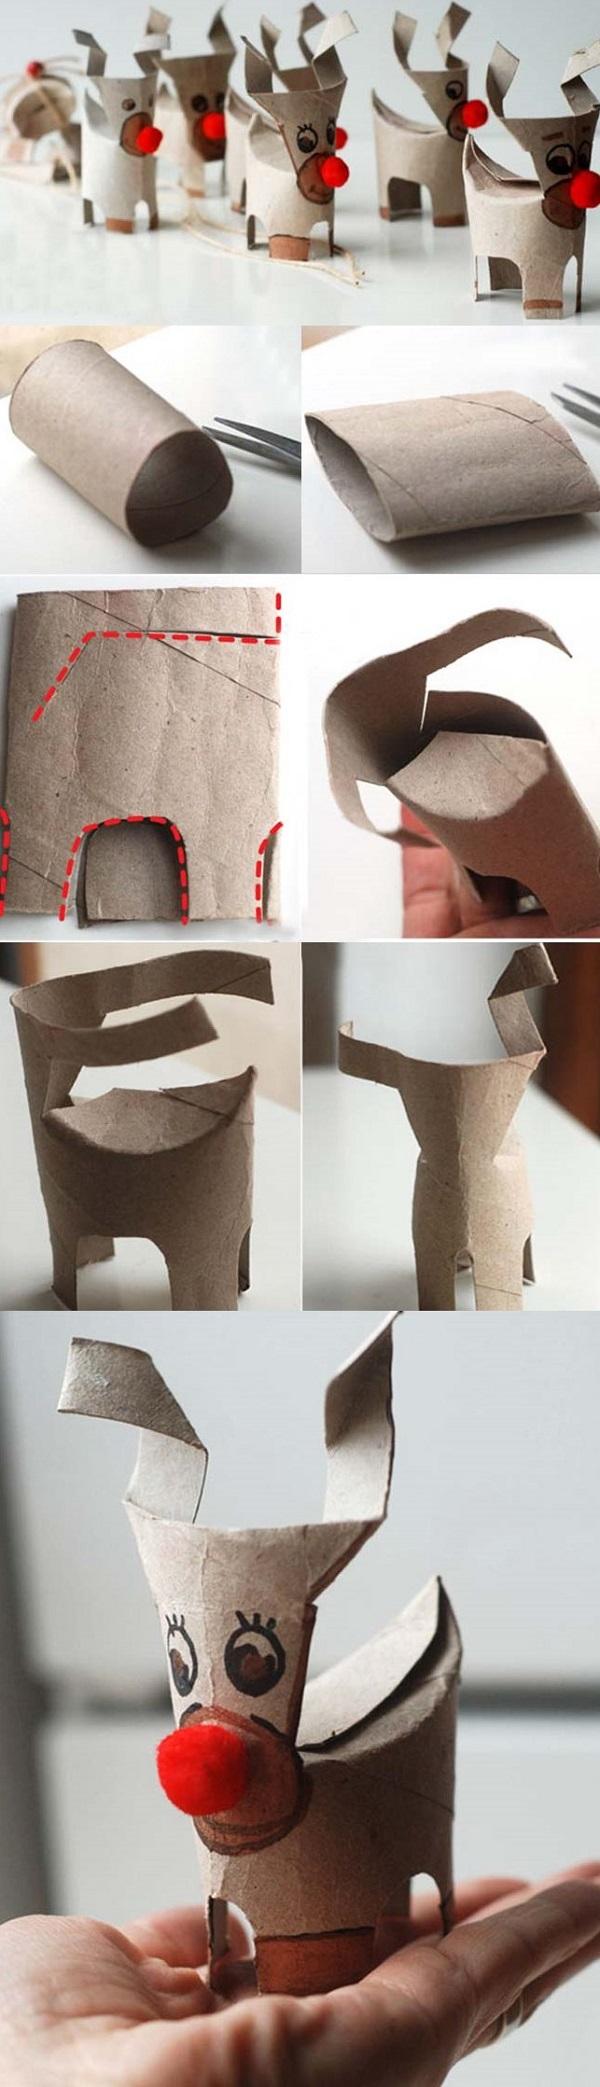 Поделки из рулонов туалетной бумаги: идеи для творчества 49